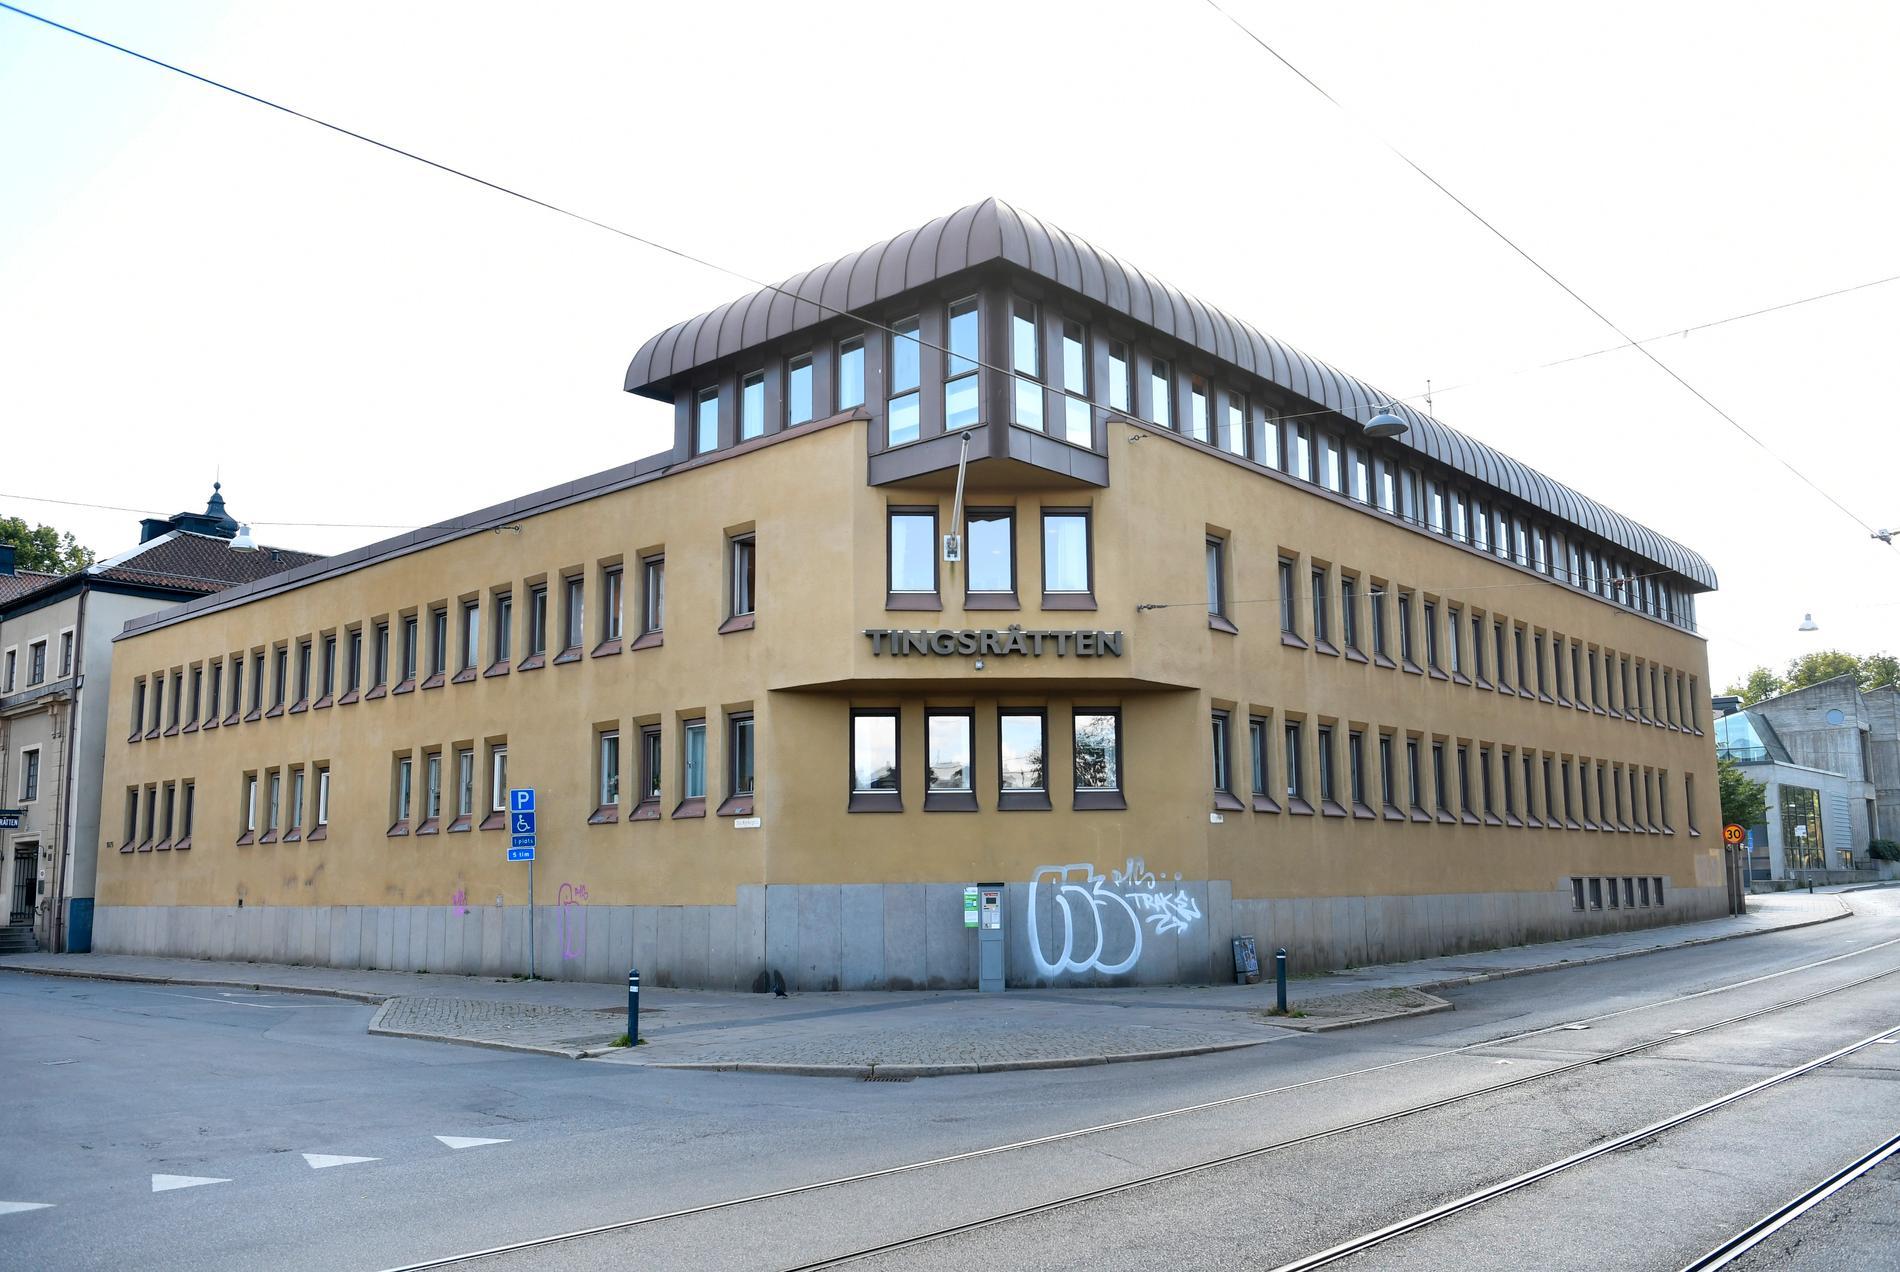 Två män åtalas för att ha kidnappat två yngre män i Norrköping och utsatt dem för våld och hot. Arkivbild av Norrköpings tingsrätt.